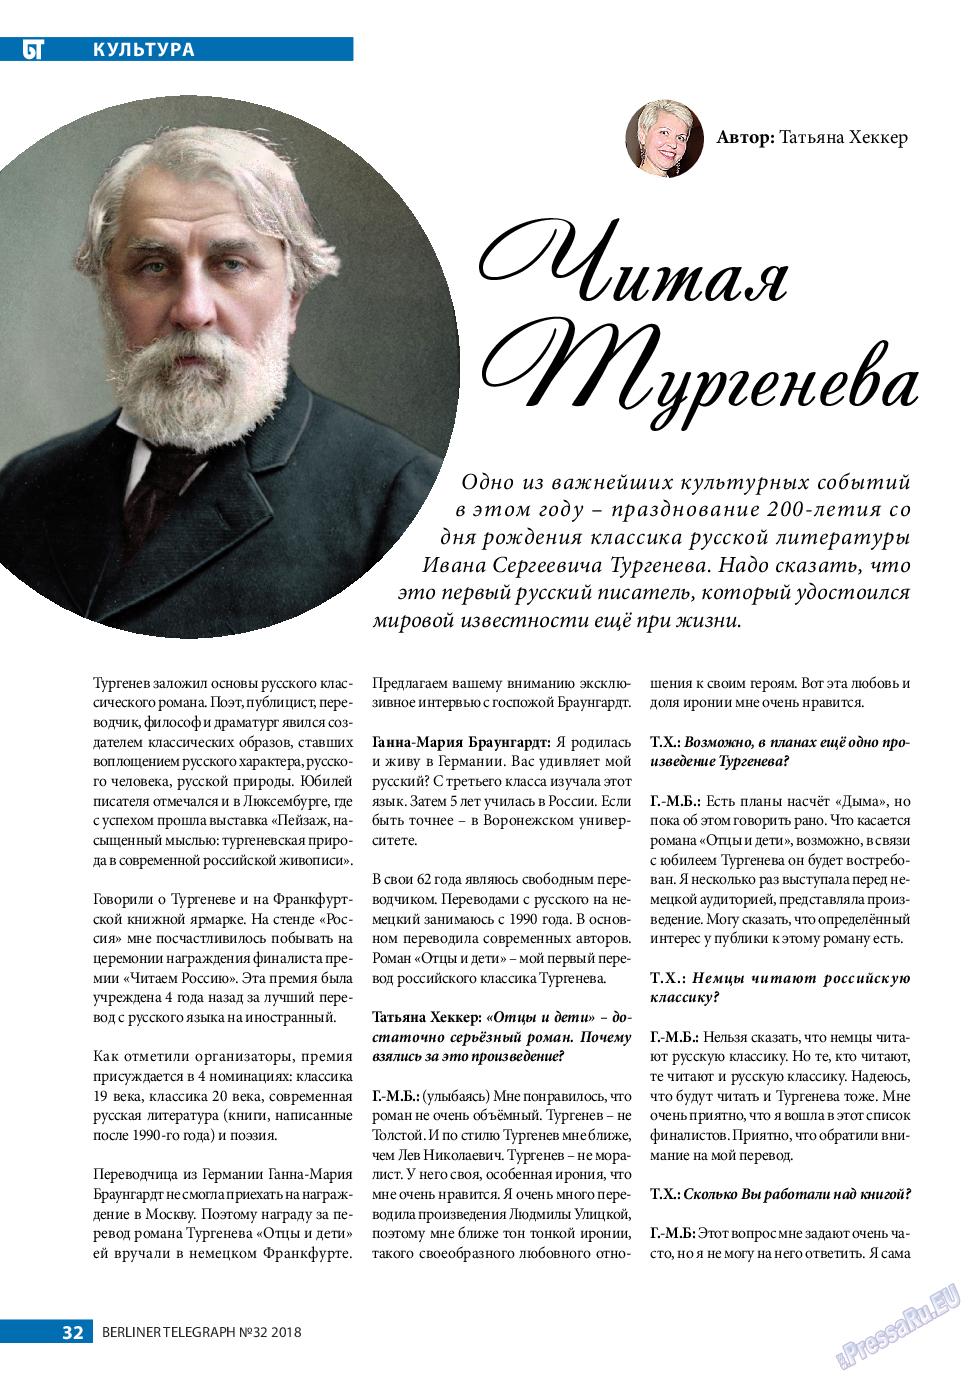 Берлинский телеграф (журнал). 2018 год, номер 32, стр. 32